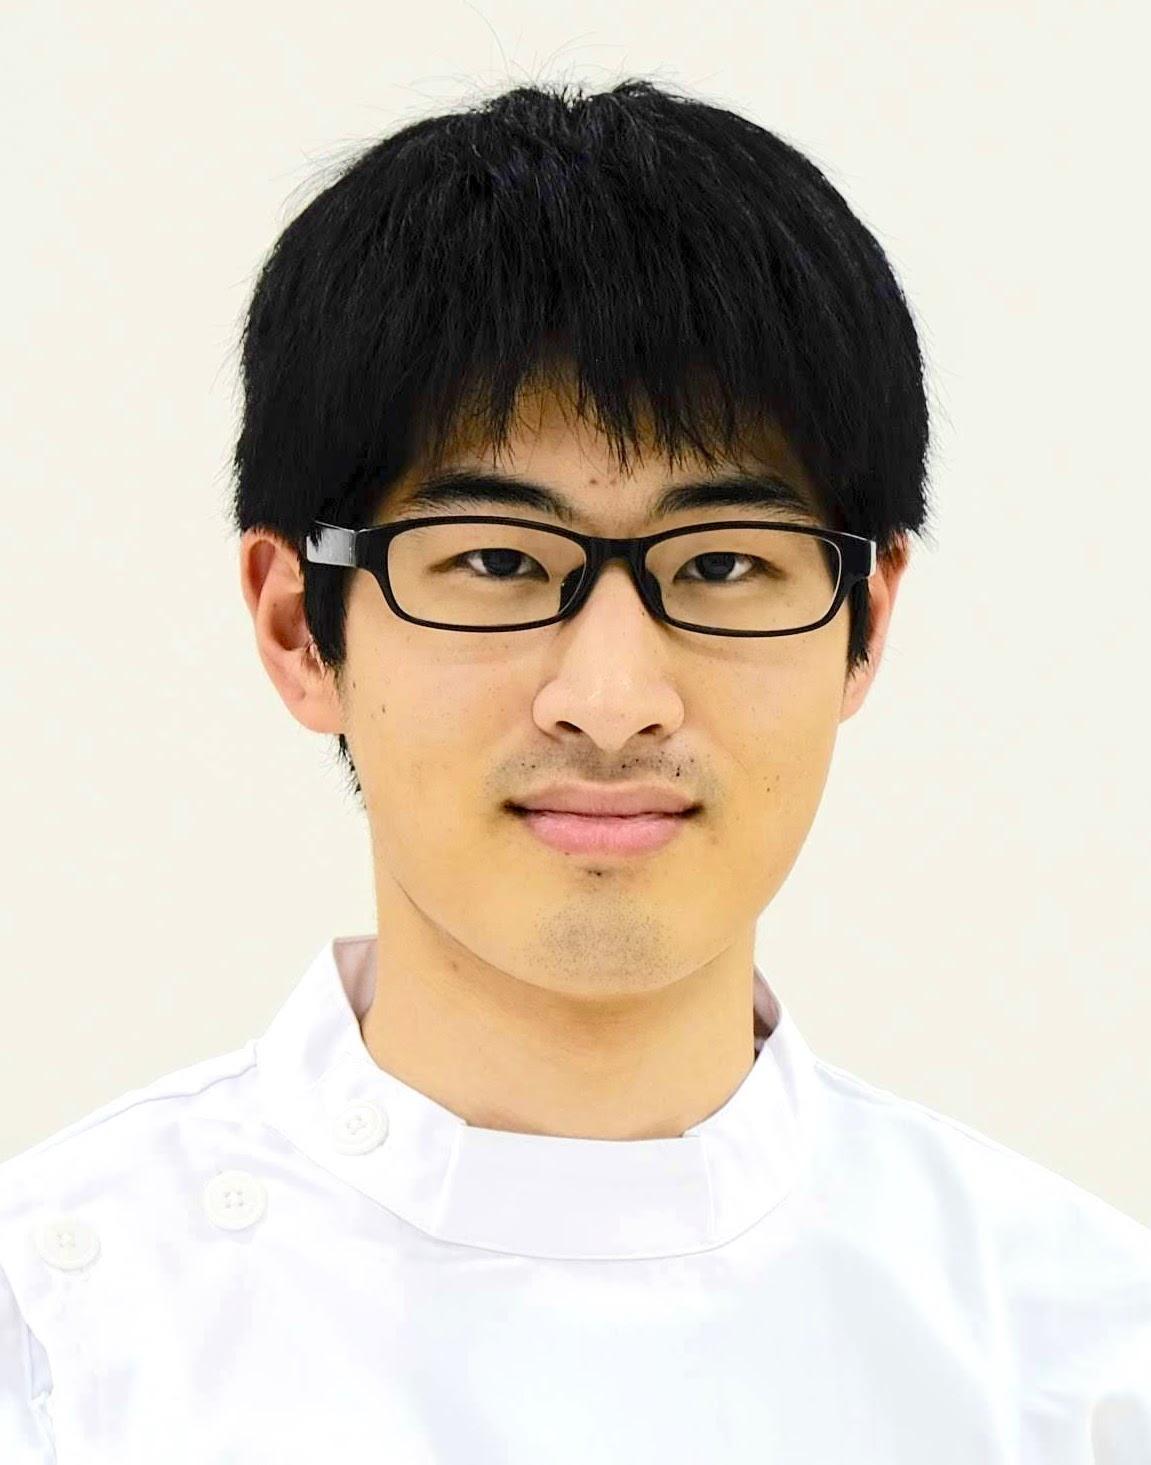 加藤 大樹 顔写真